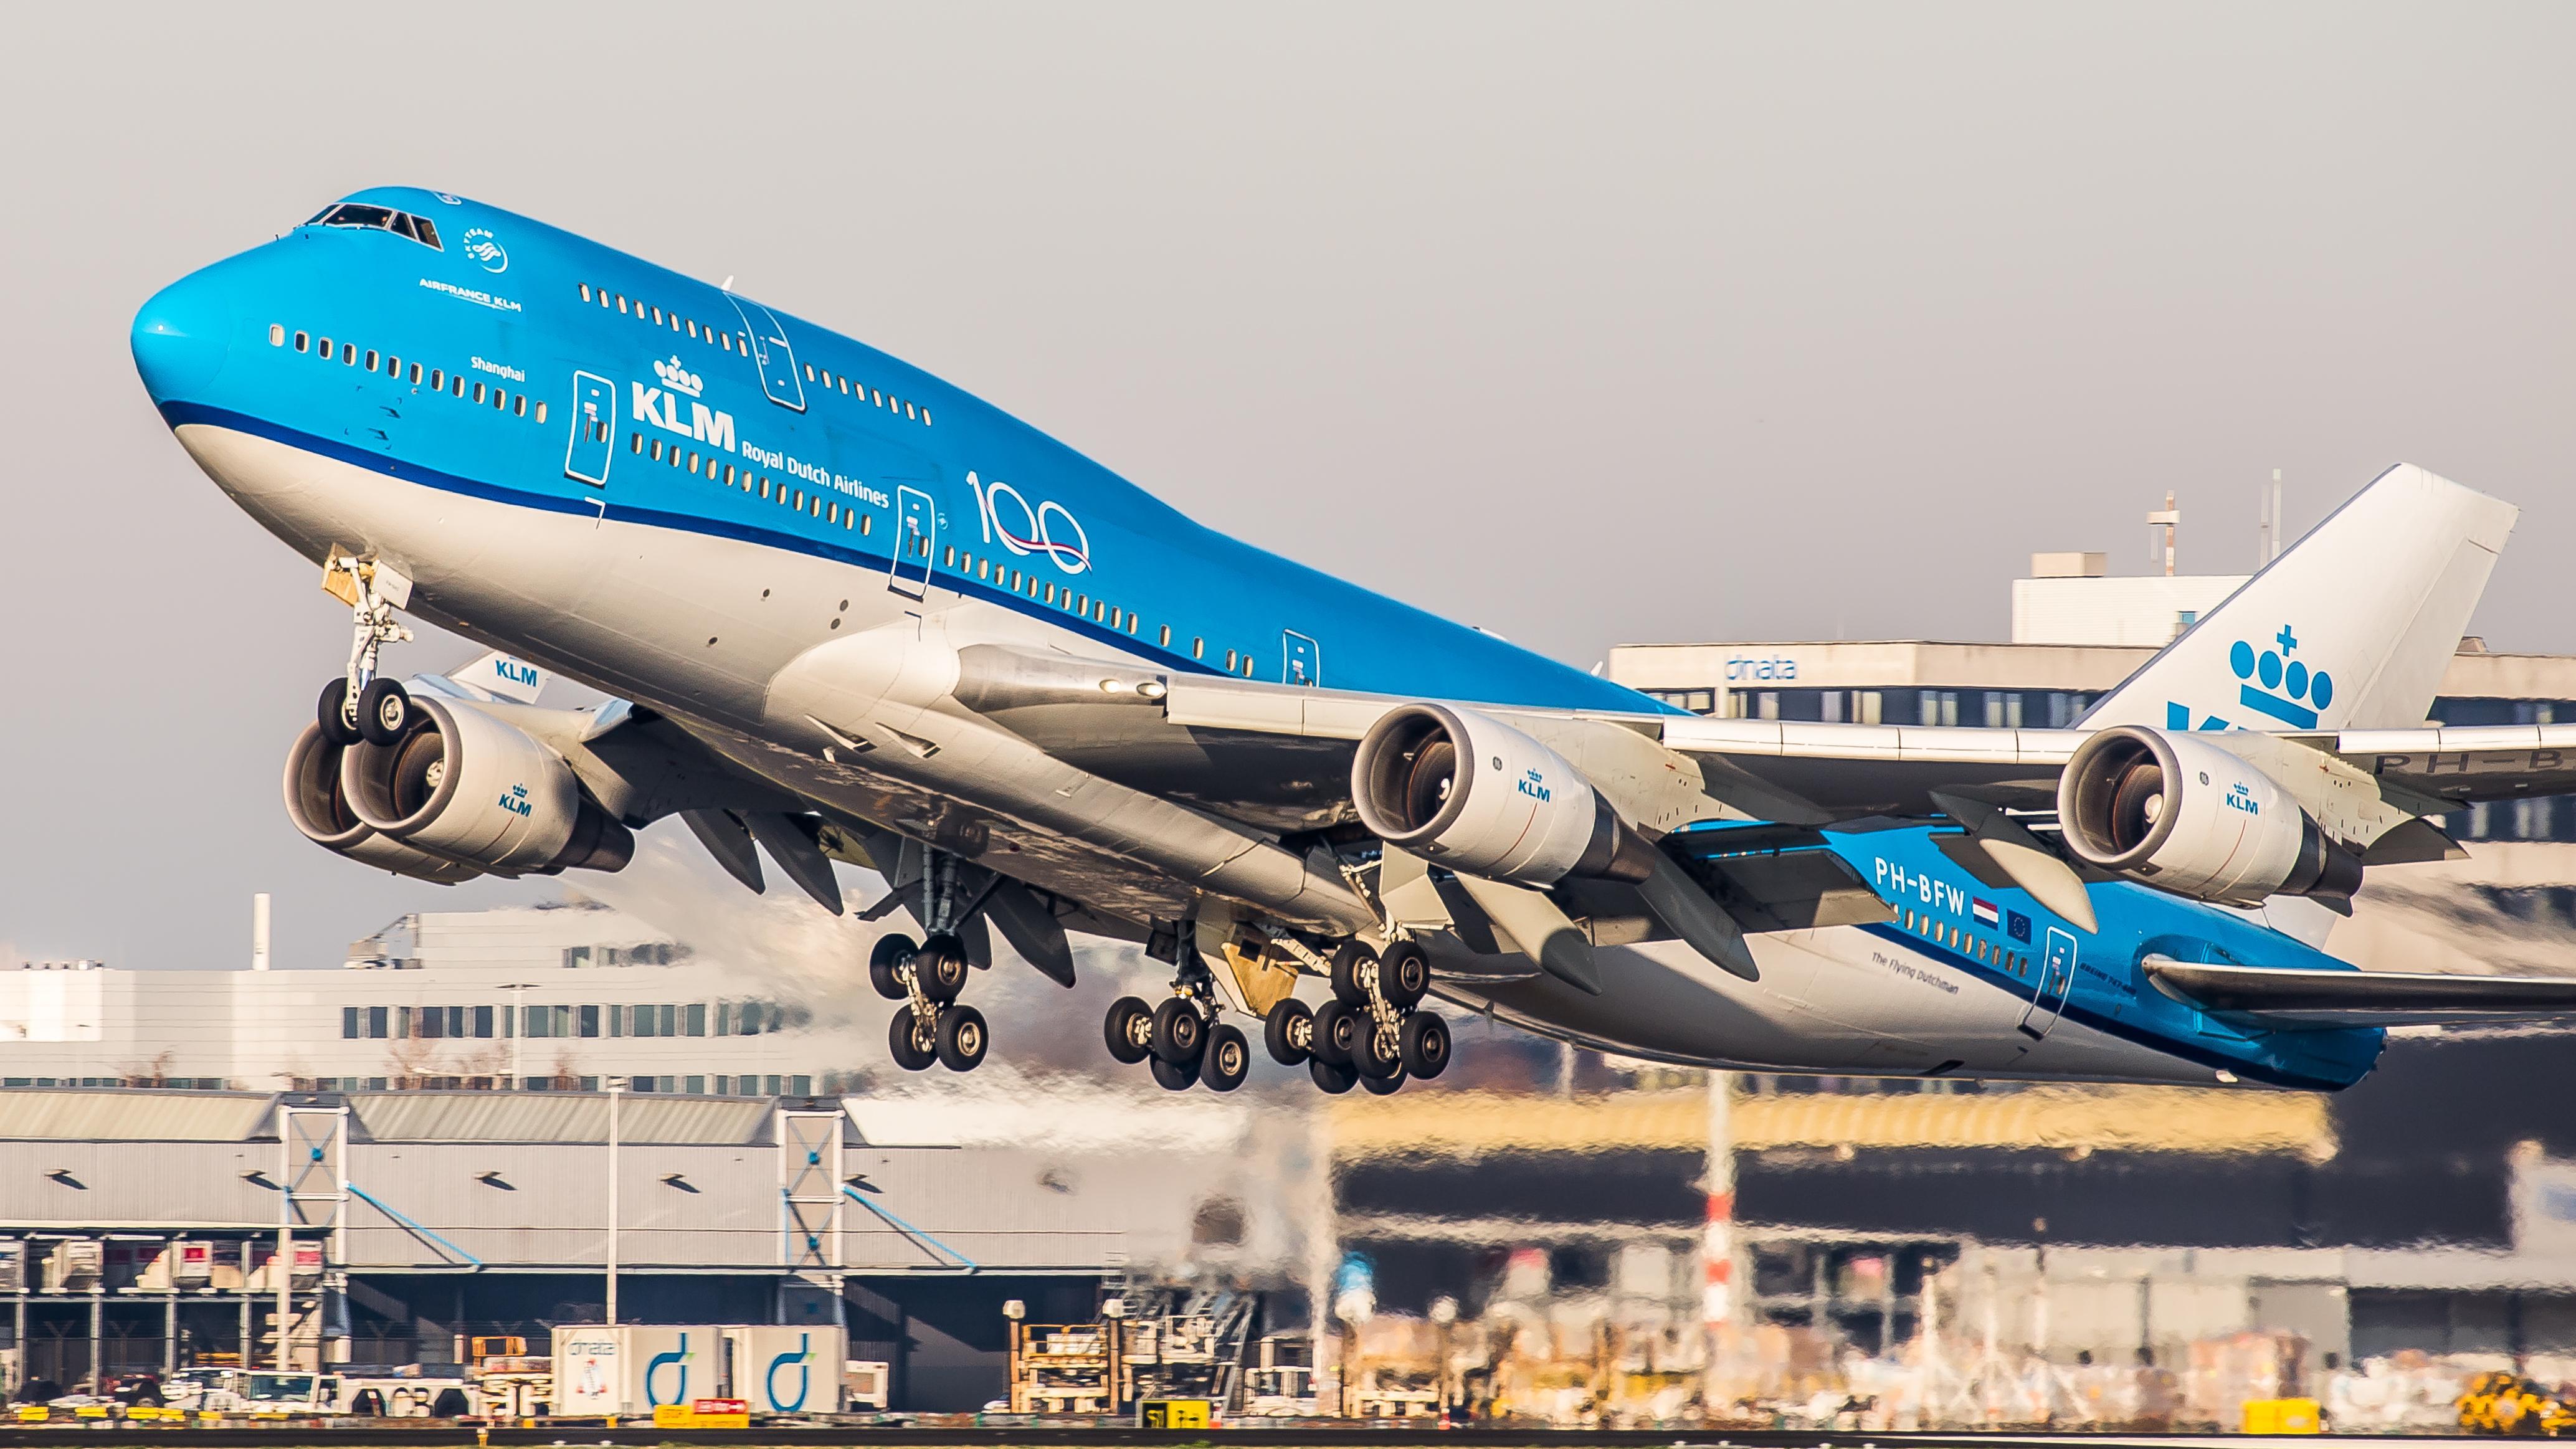 Laatste plaatjes van een dame, de Boeing 747, Queen of the Skies van KLM